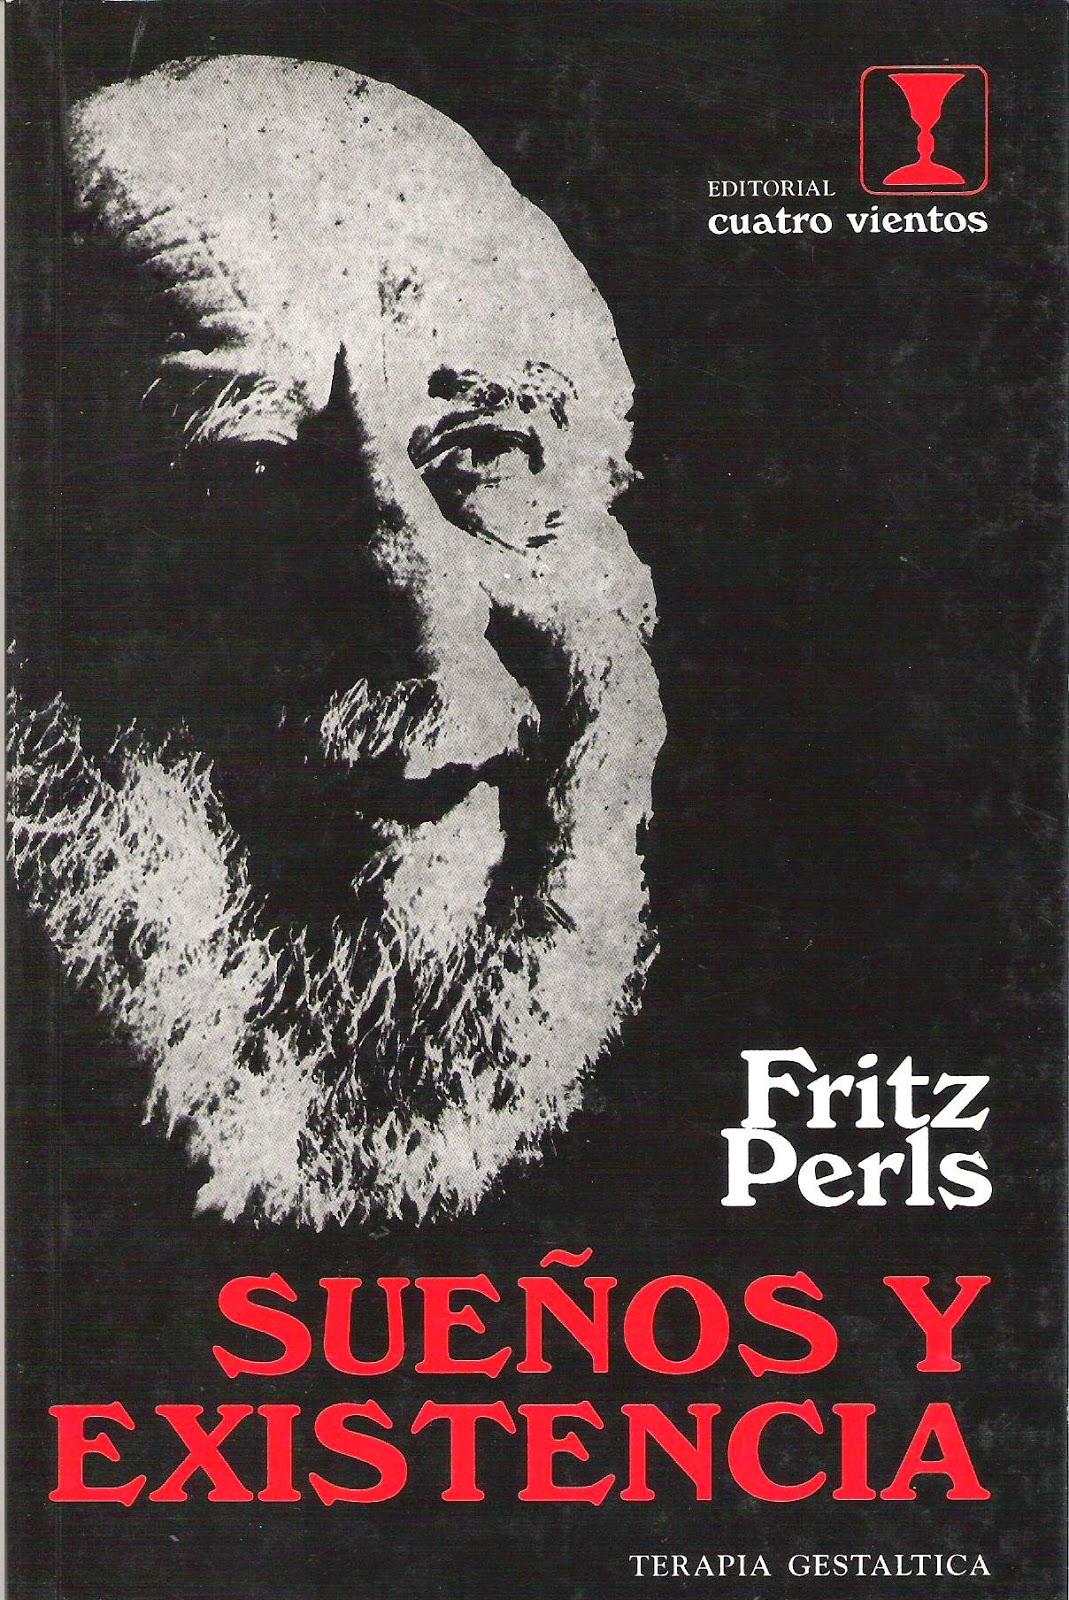 PsicoRecursos: Sueños Y Existencia - Fritz Perls @tataya.com.mx